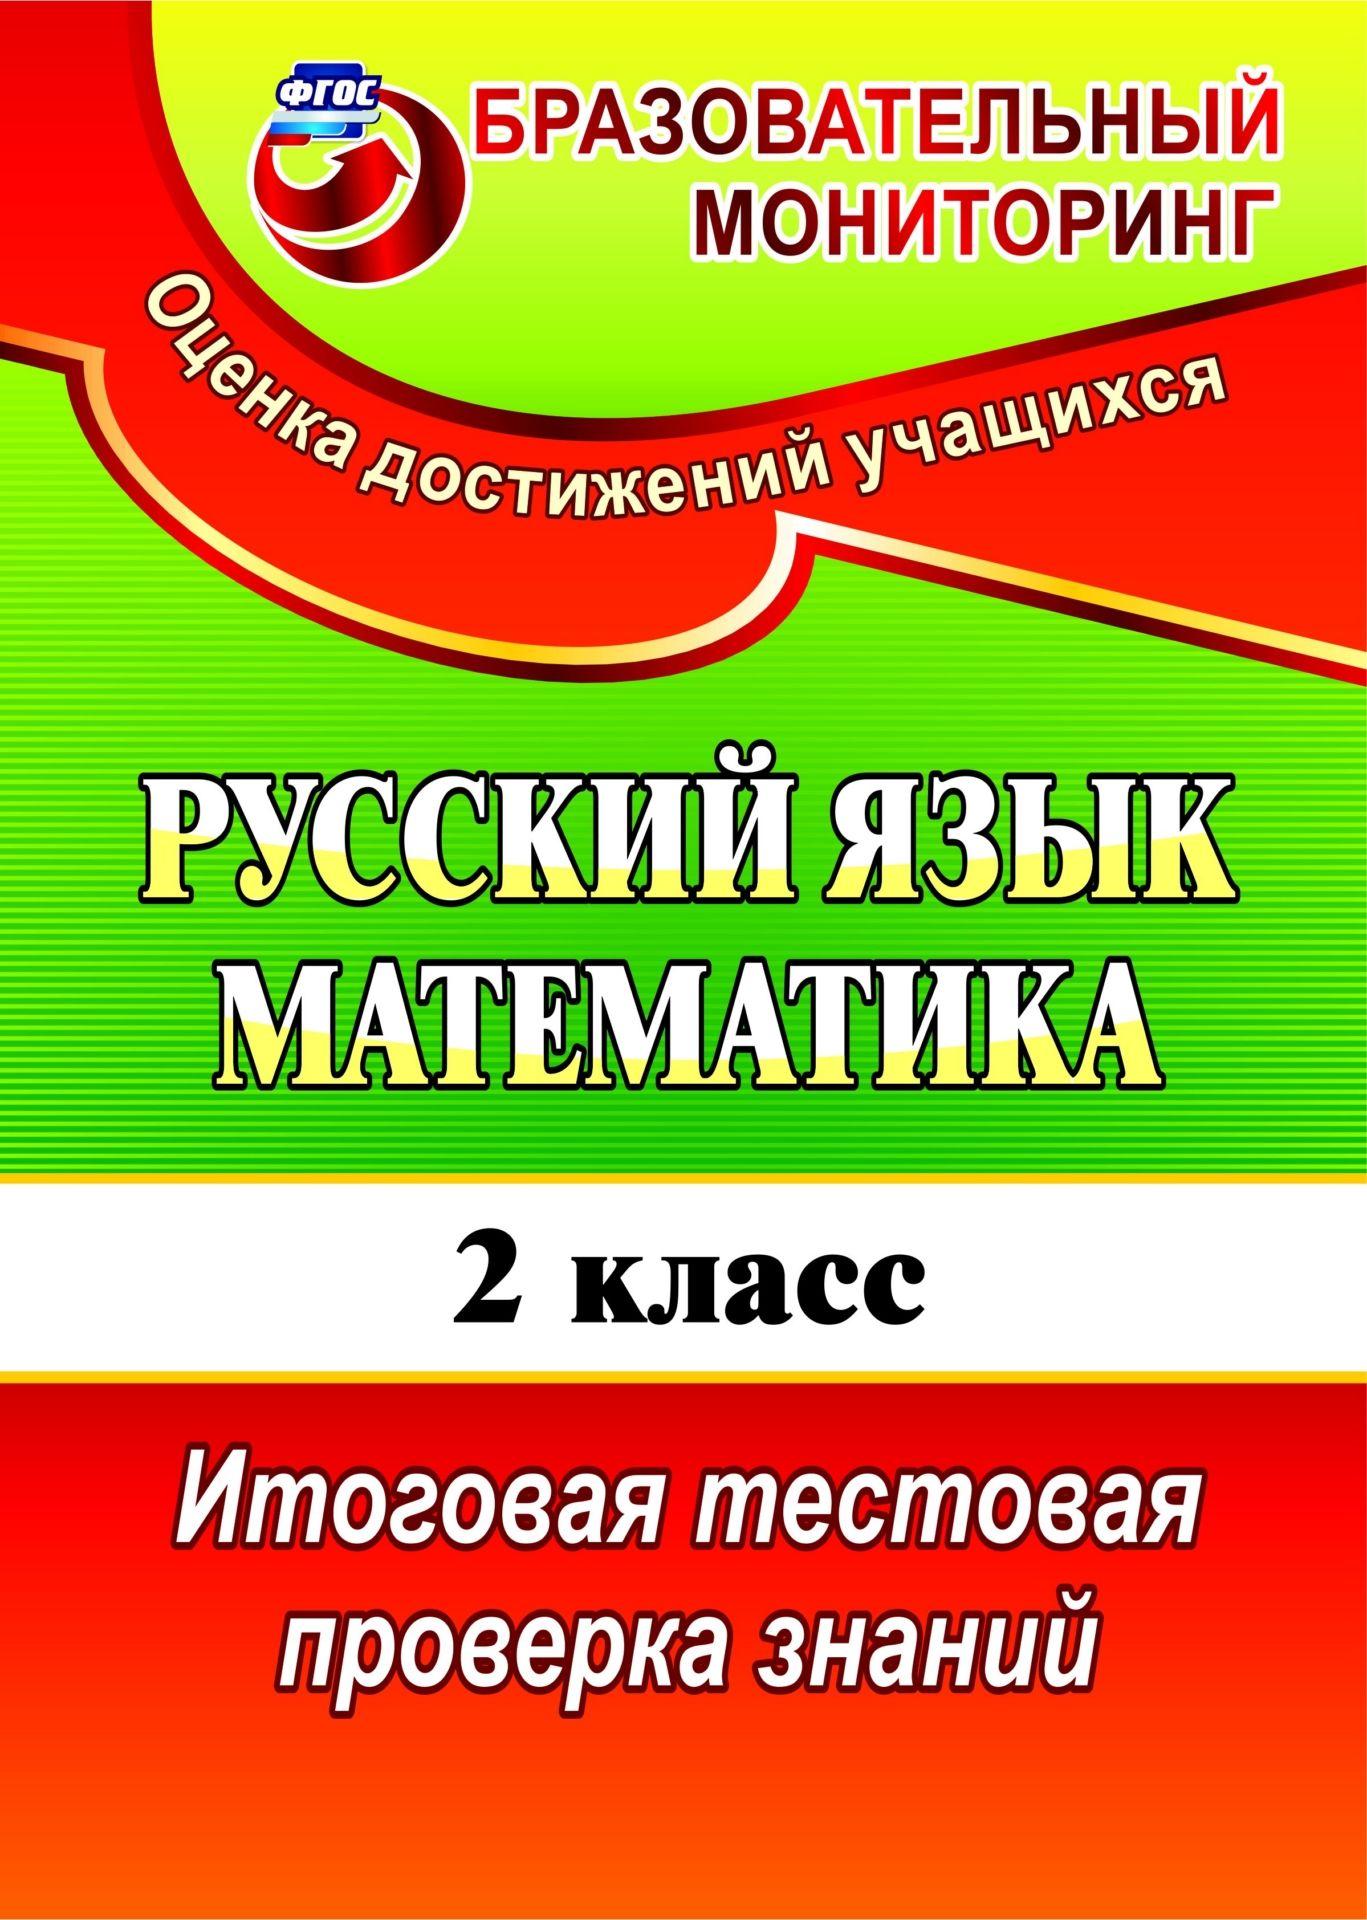 Русский язык. Математика. 2 класс: итоговая тестовая проверка знанийПредметы<br>В пособии предлагаются рабочие листы с тестами и ответами по русскому языку, математике для учащихся 2 класса, составленные в соответствии с требованиями федерального государственного образовательного стандарта, которые позволят учителю качественно подгот...<br><br>Авторы: Типаева Т. В., Волкова Е. В.<br>Год: 2016<br>Серия: Образовательный мониторинг. Оценка достижений учащихся<br>ISBN: 978-5-7057-2888-6, 978-5-7057-4432-9, 978-5-91651-061-4<br>Высота: 285<br>Ширина: 197<br>Толщина: 2<br>Переплёт: мягкая, скрепка